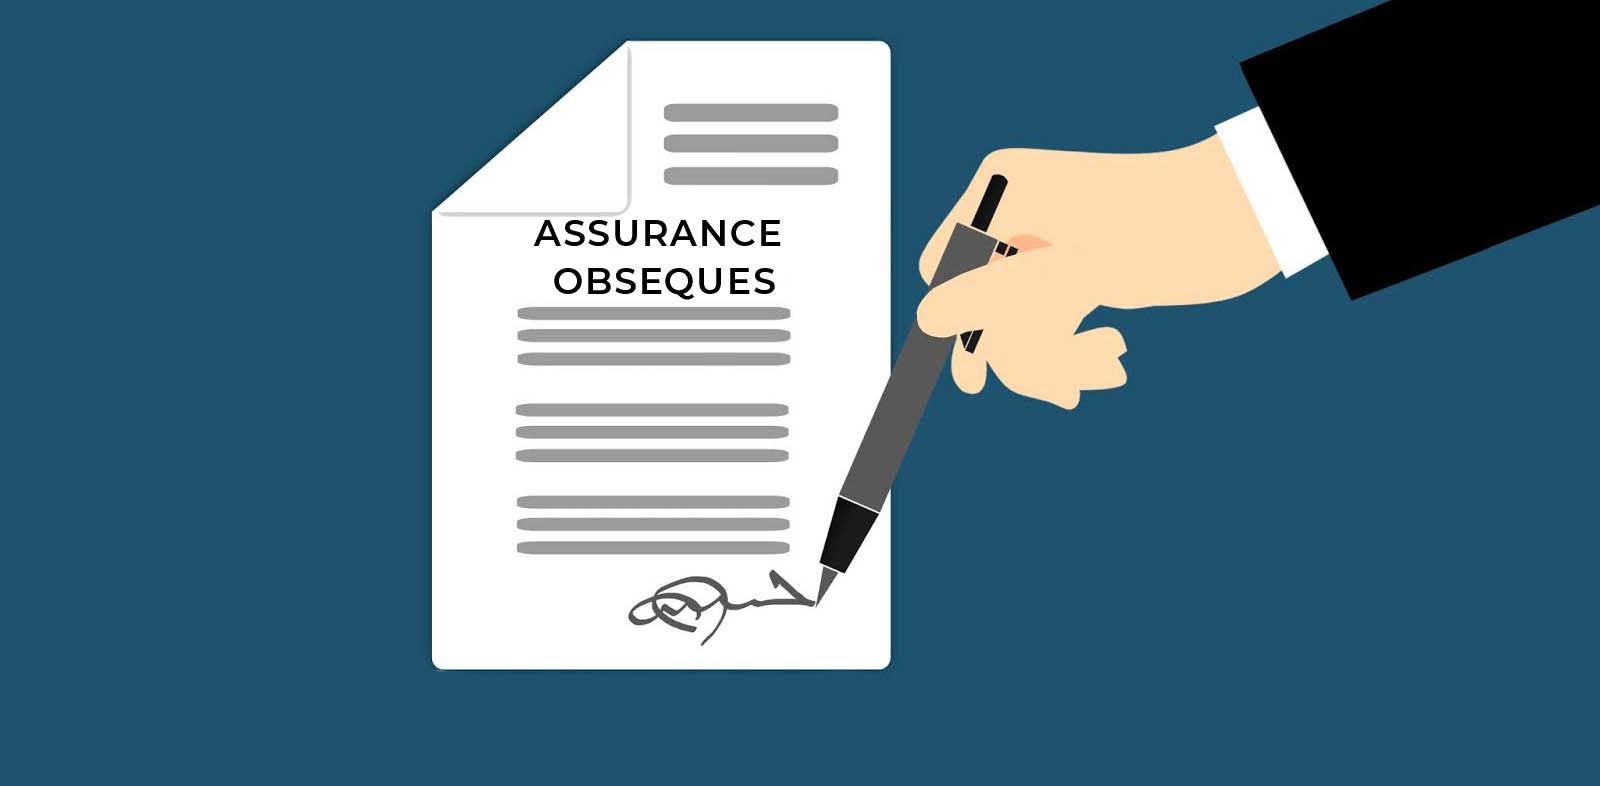 Meilleure assurance : quels sont les critères à prendre en considération pour la choisir ?